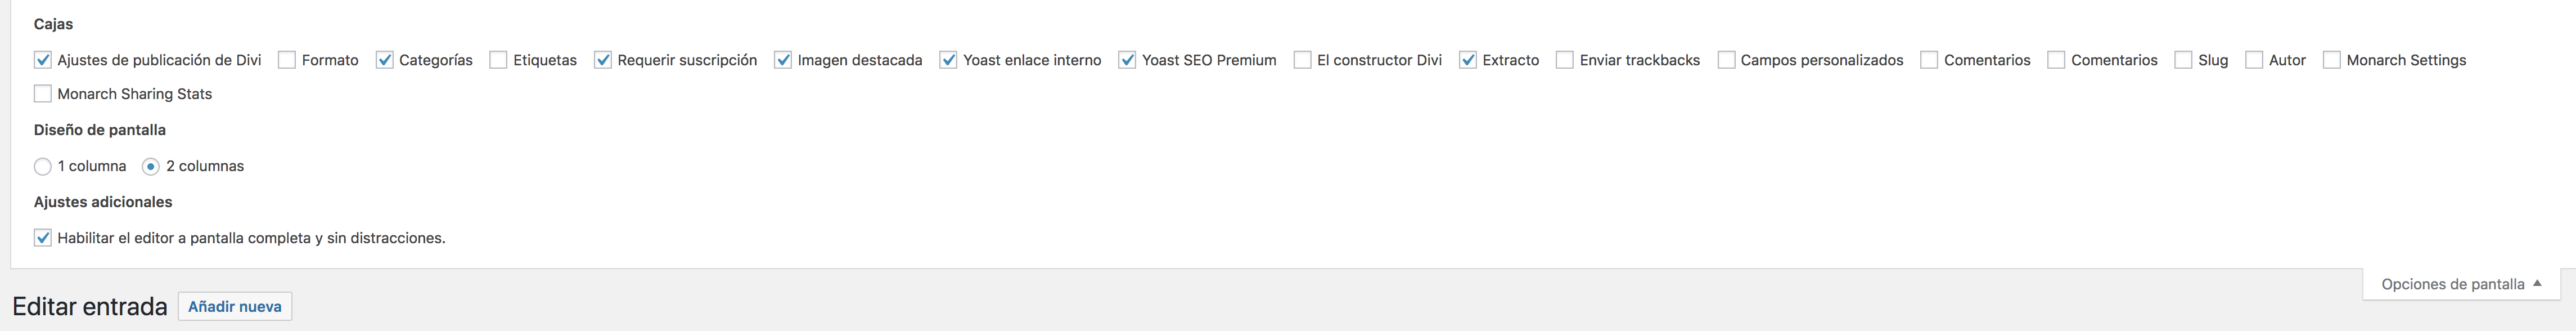 Opciones de pantalla de WordPress - Monarch